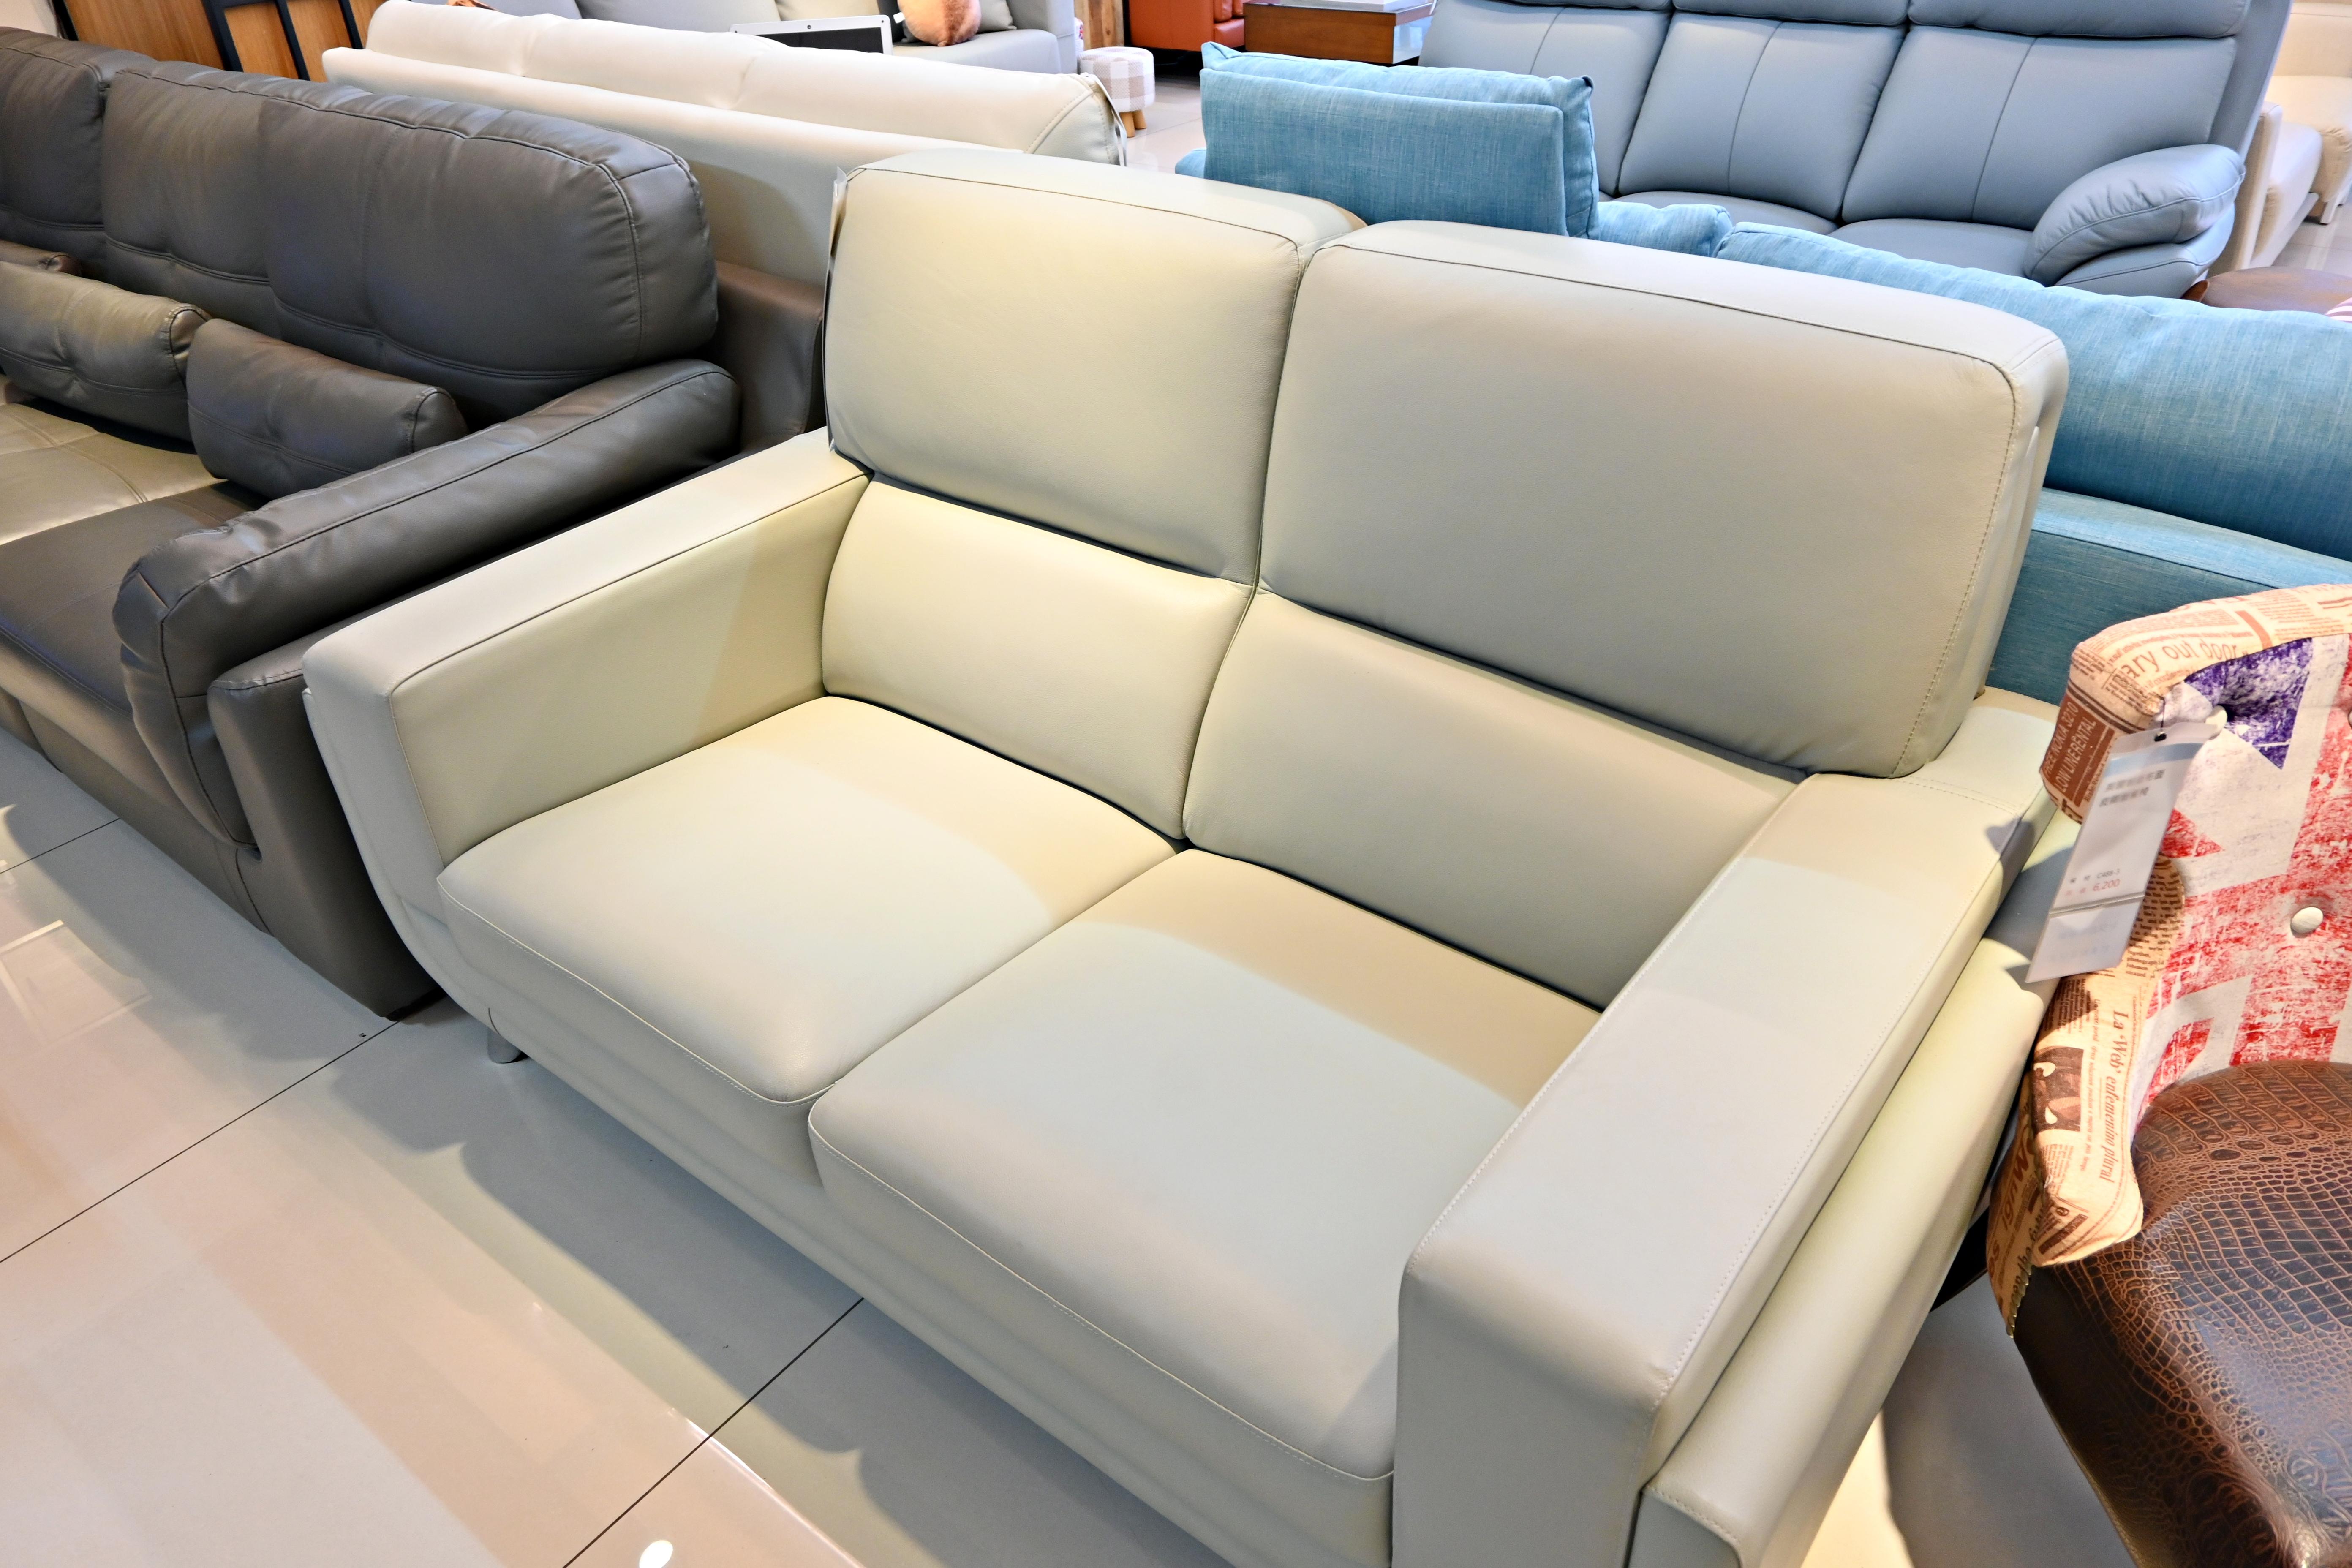 買家具好選擇:億家俱五股分店種類選擇多、提供客製化家具服務,MIT家具工廠直營